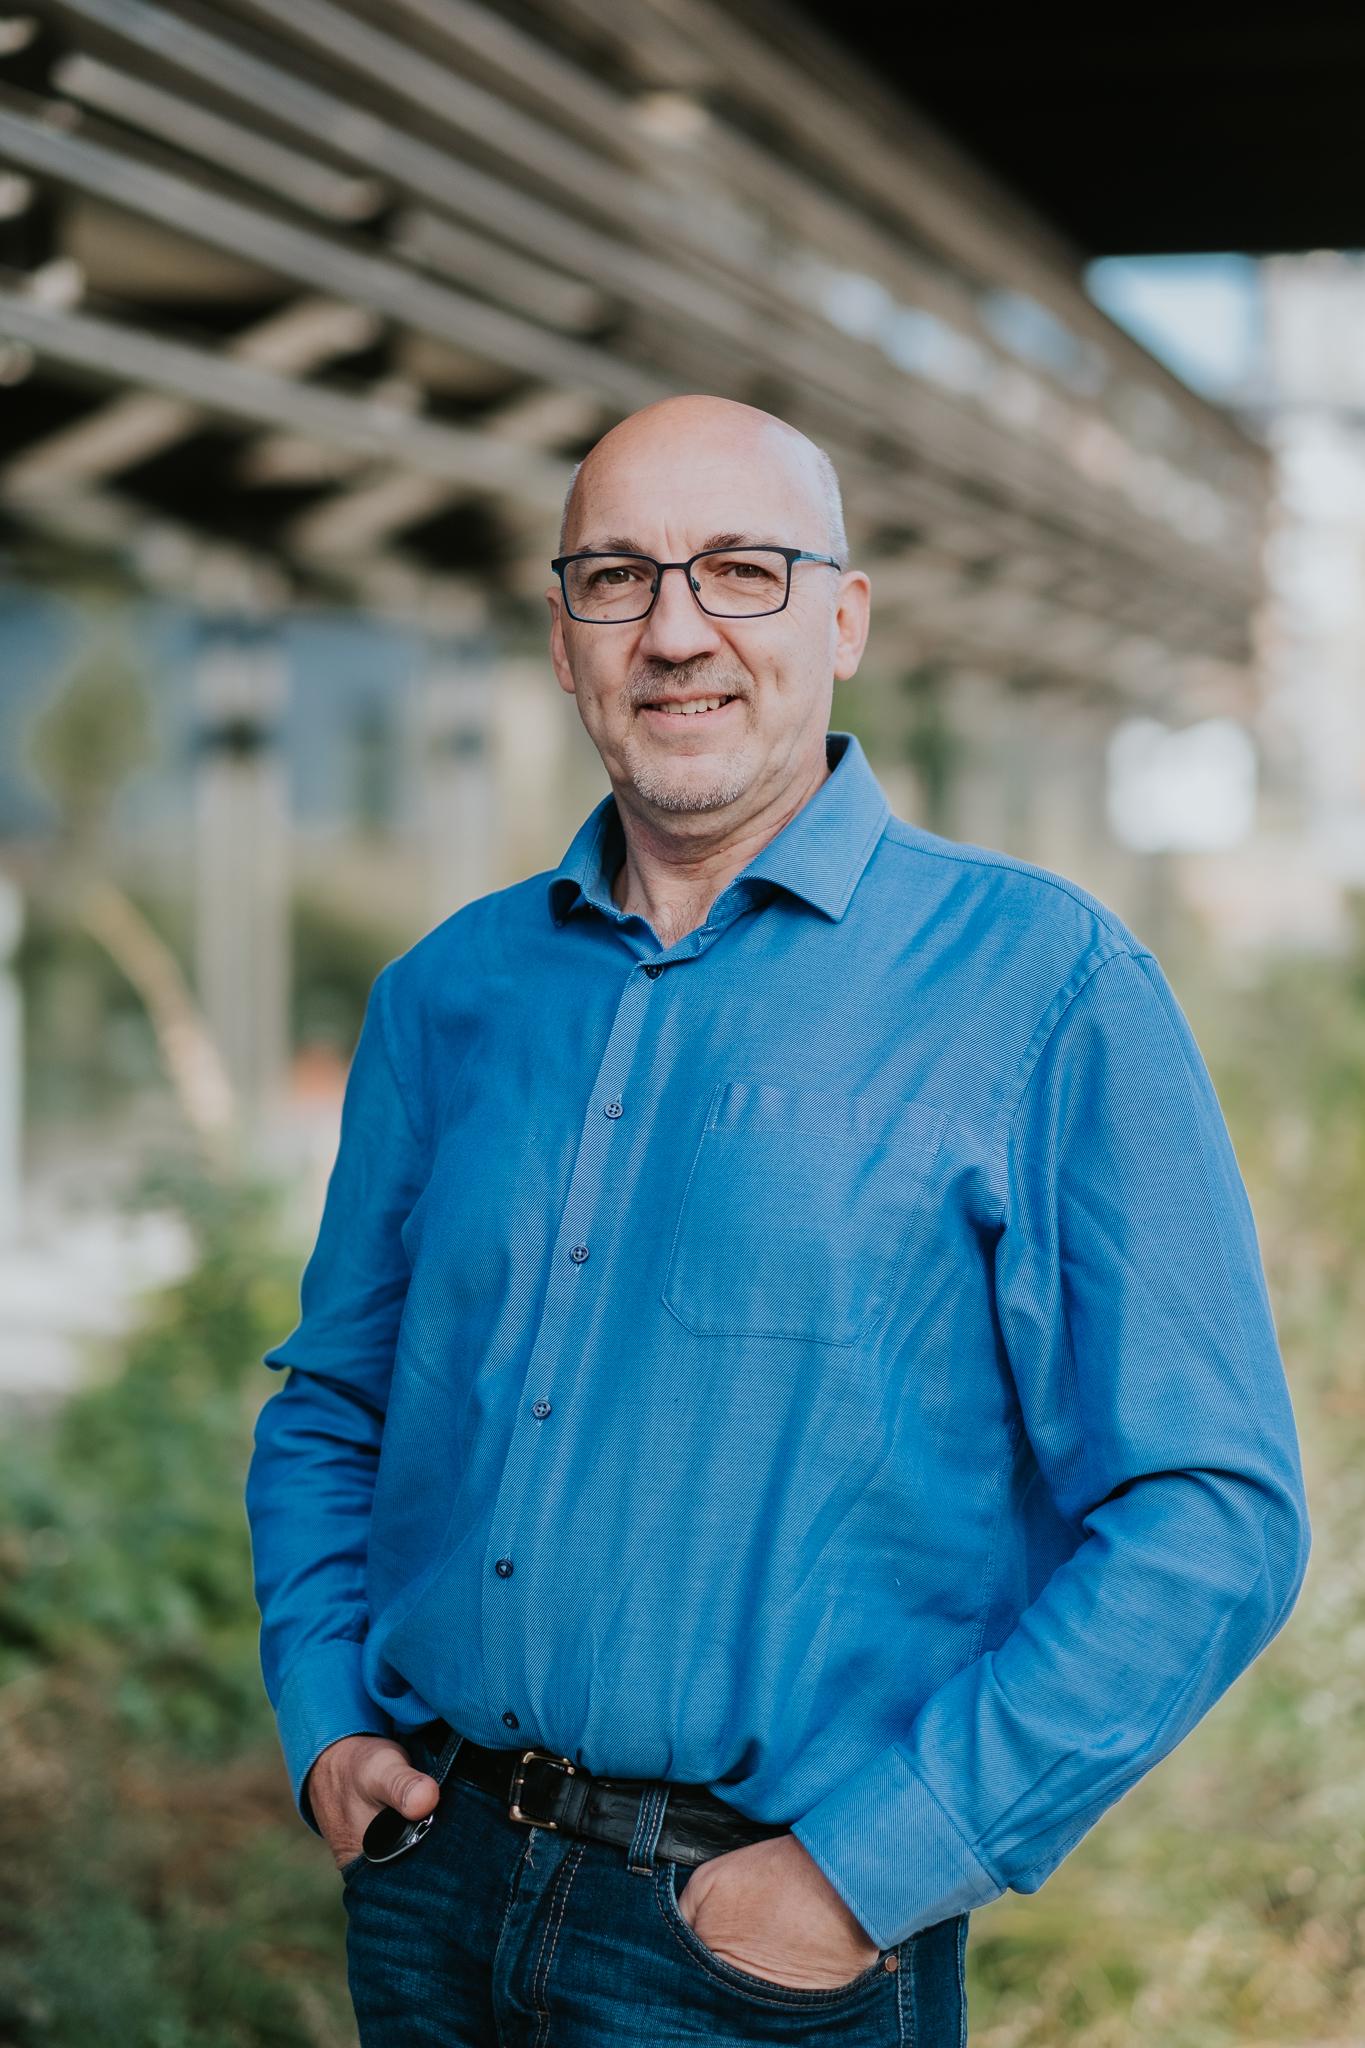 Danny Vanrijkel